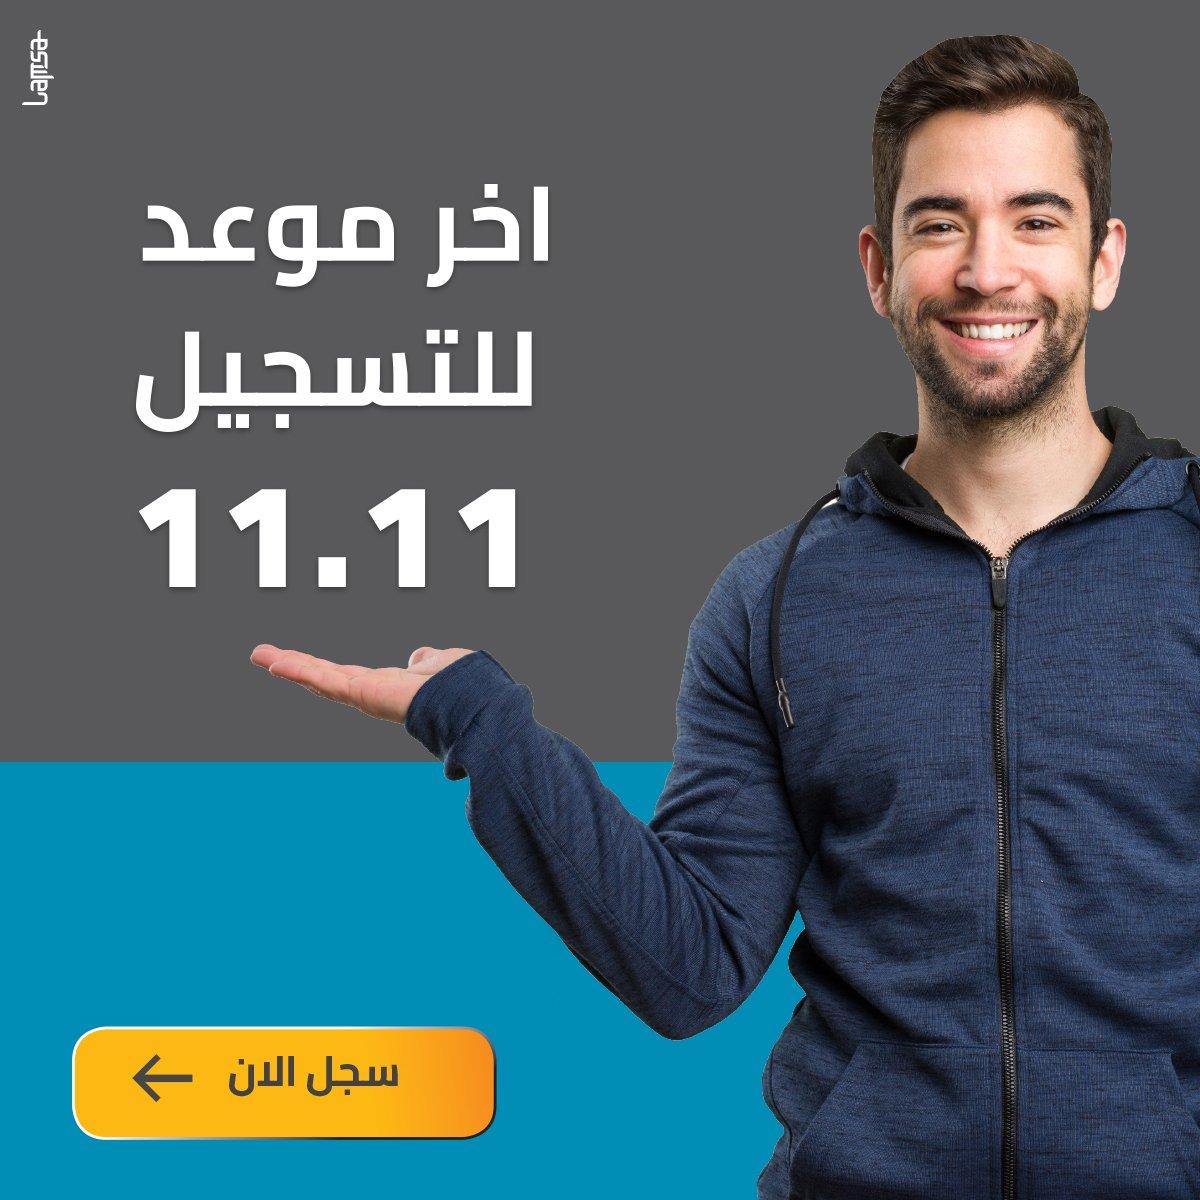 السبت 11.11 آخر موعد للتسجيل لمنحة إرتقاء